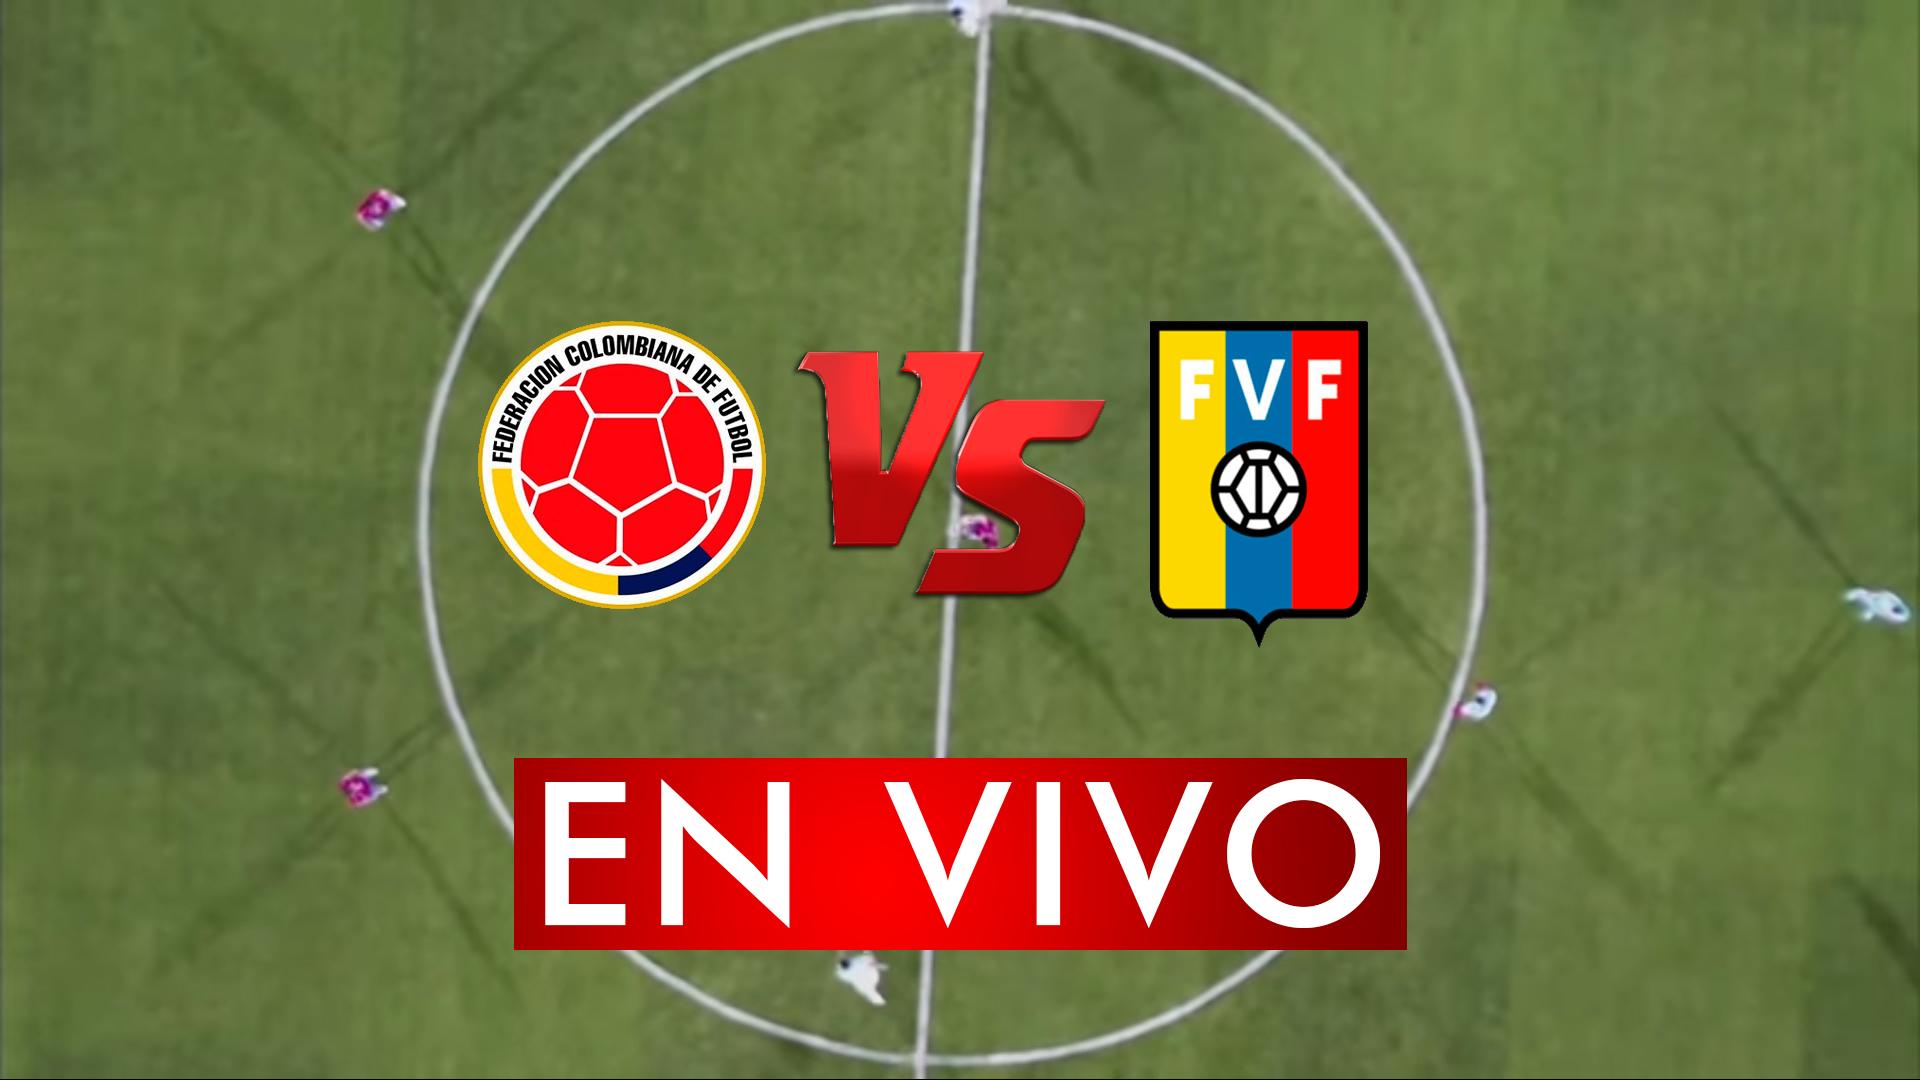 Colombia vs Venezuela en Vivo Online Live preolimpico Lunes 27 de Enero